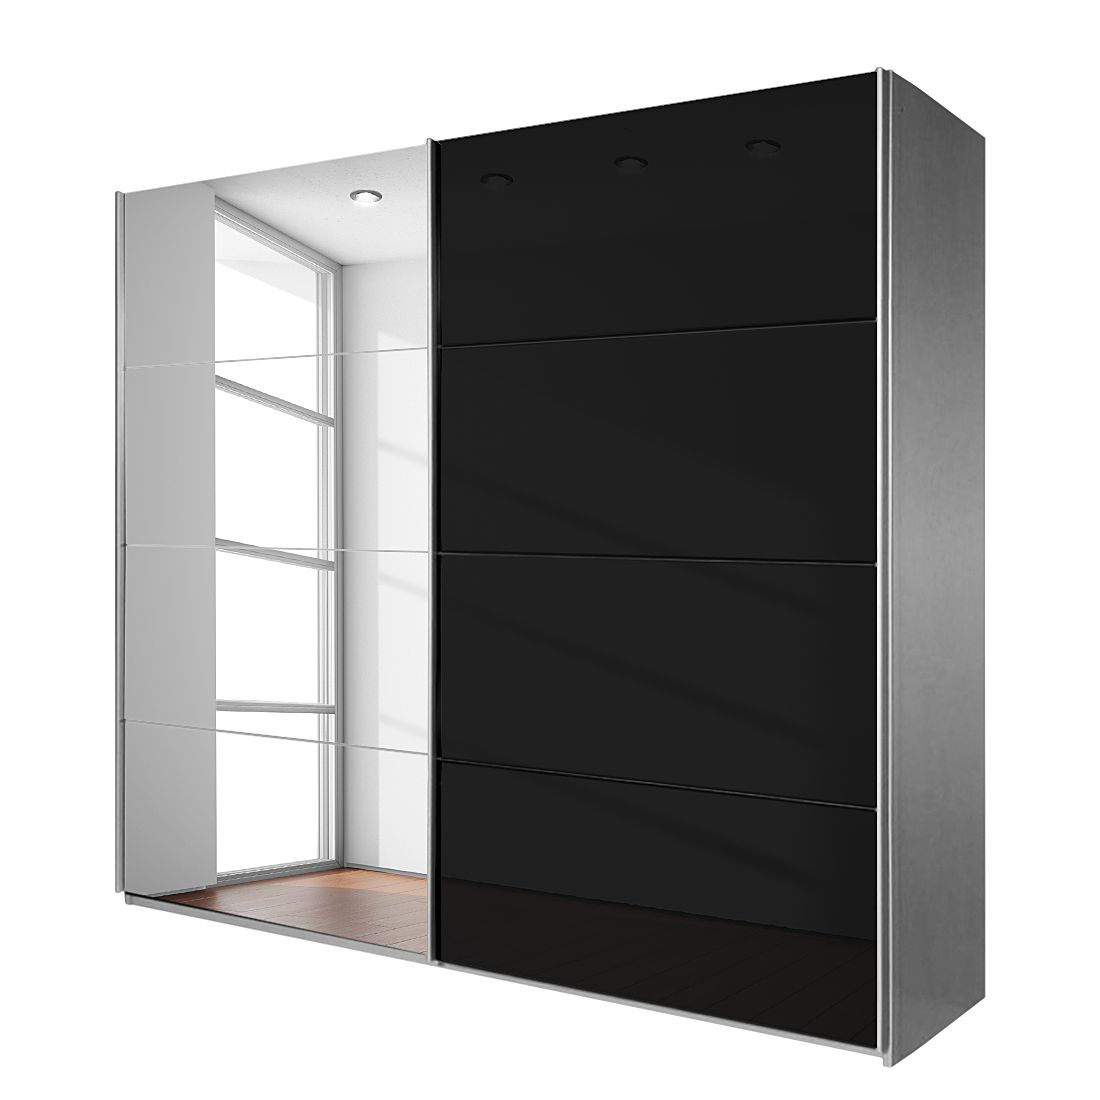 goedkoop Schuifdeurkast Quadra met spiegel geborsteld aluminium zwart BxH 271x230cm Rauch Packs